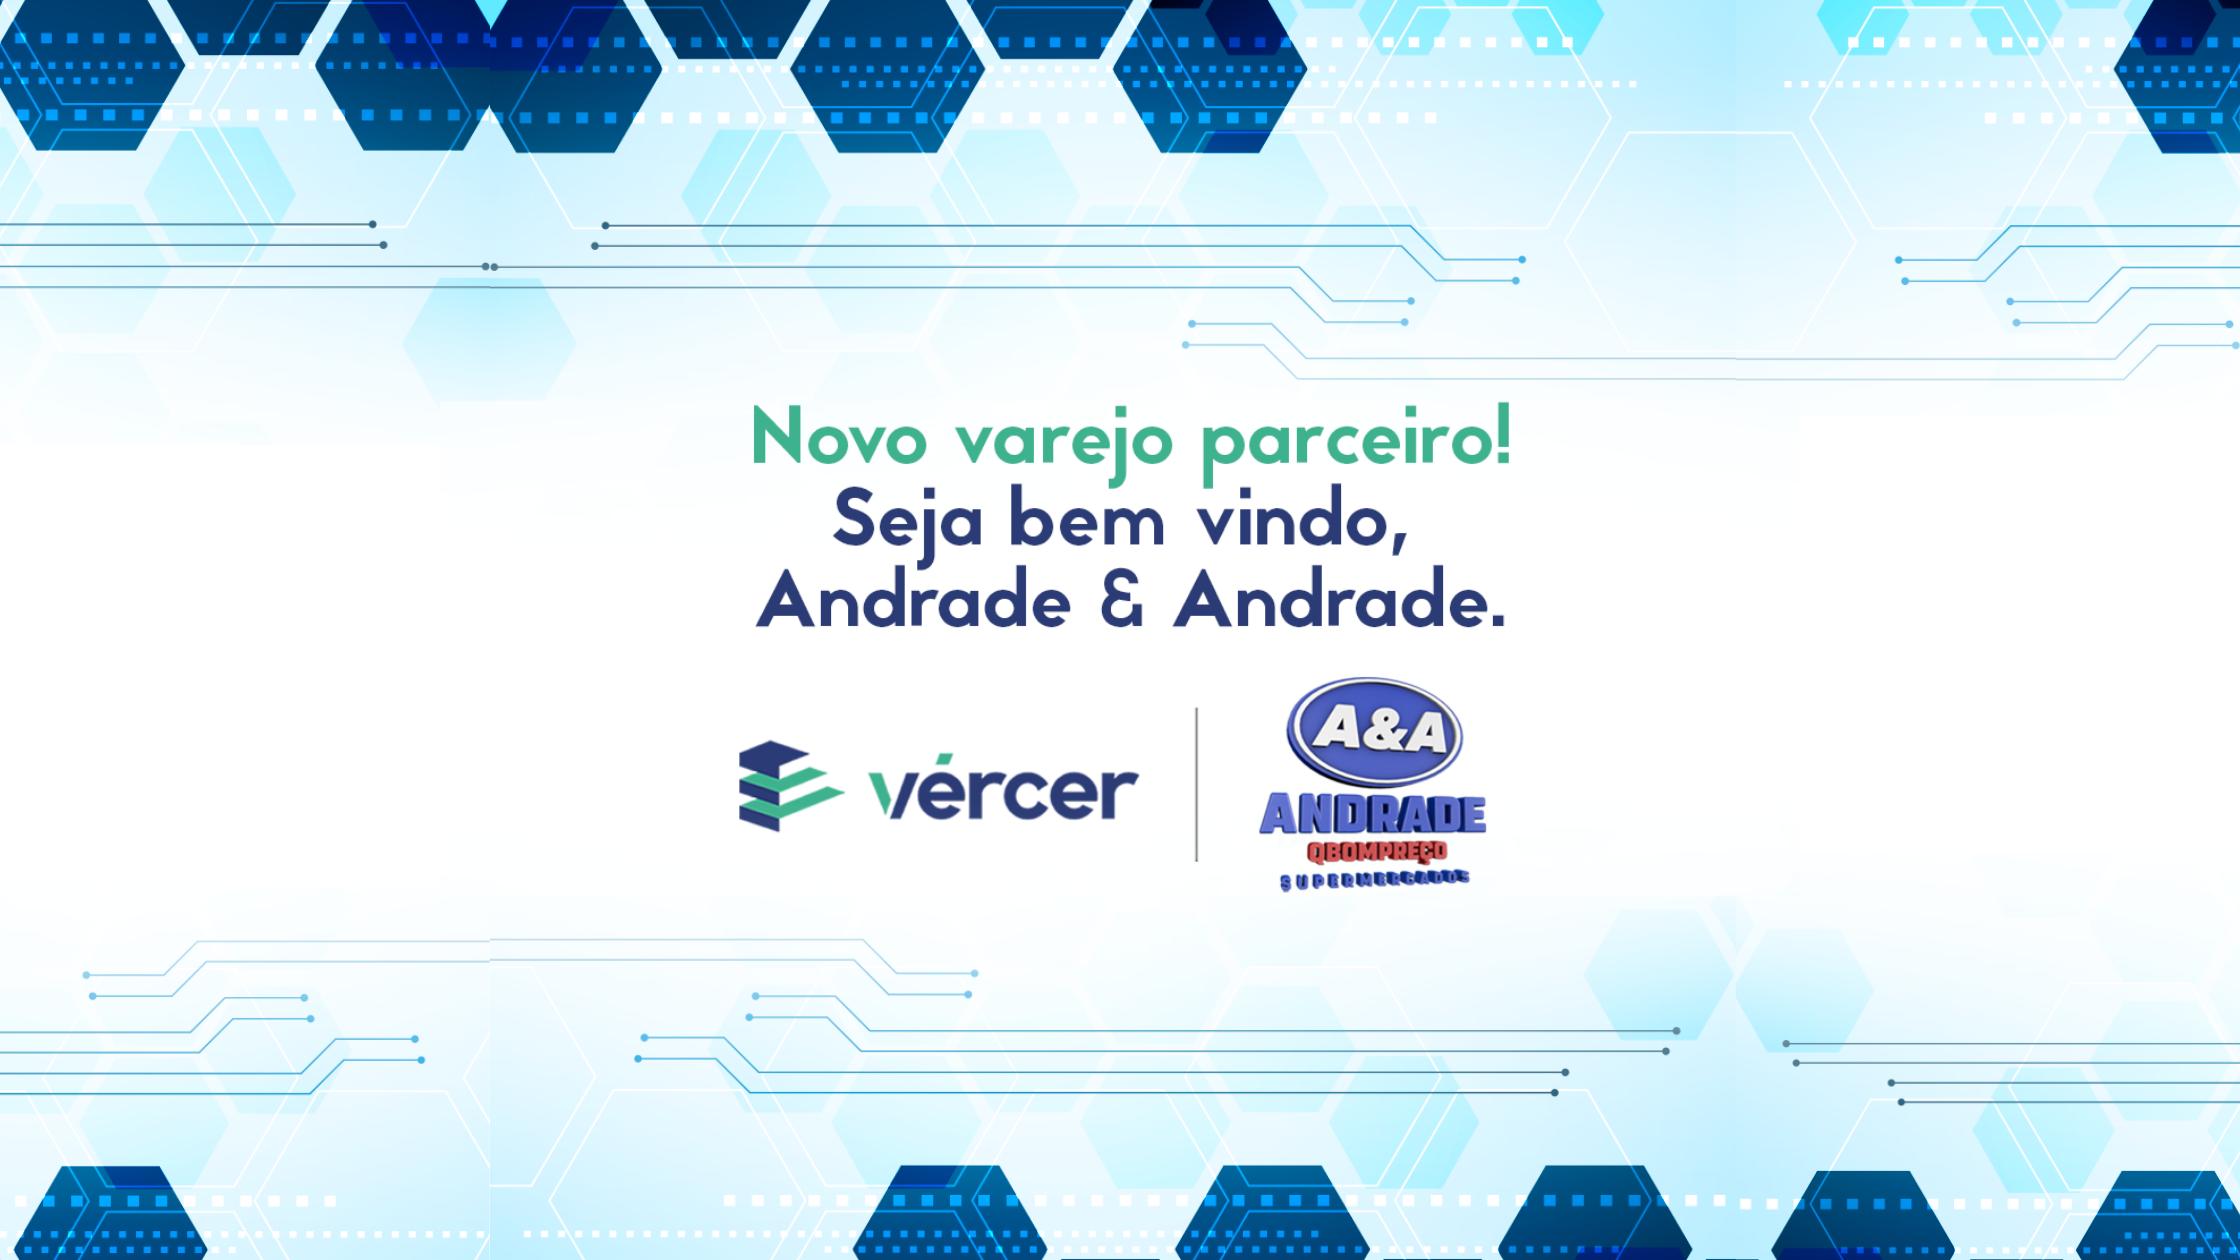 Vércer e Andrade & Andrade se unem numa super parceria